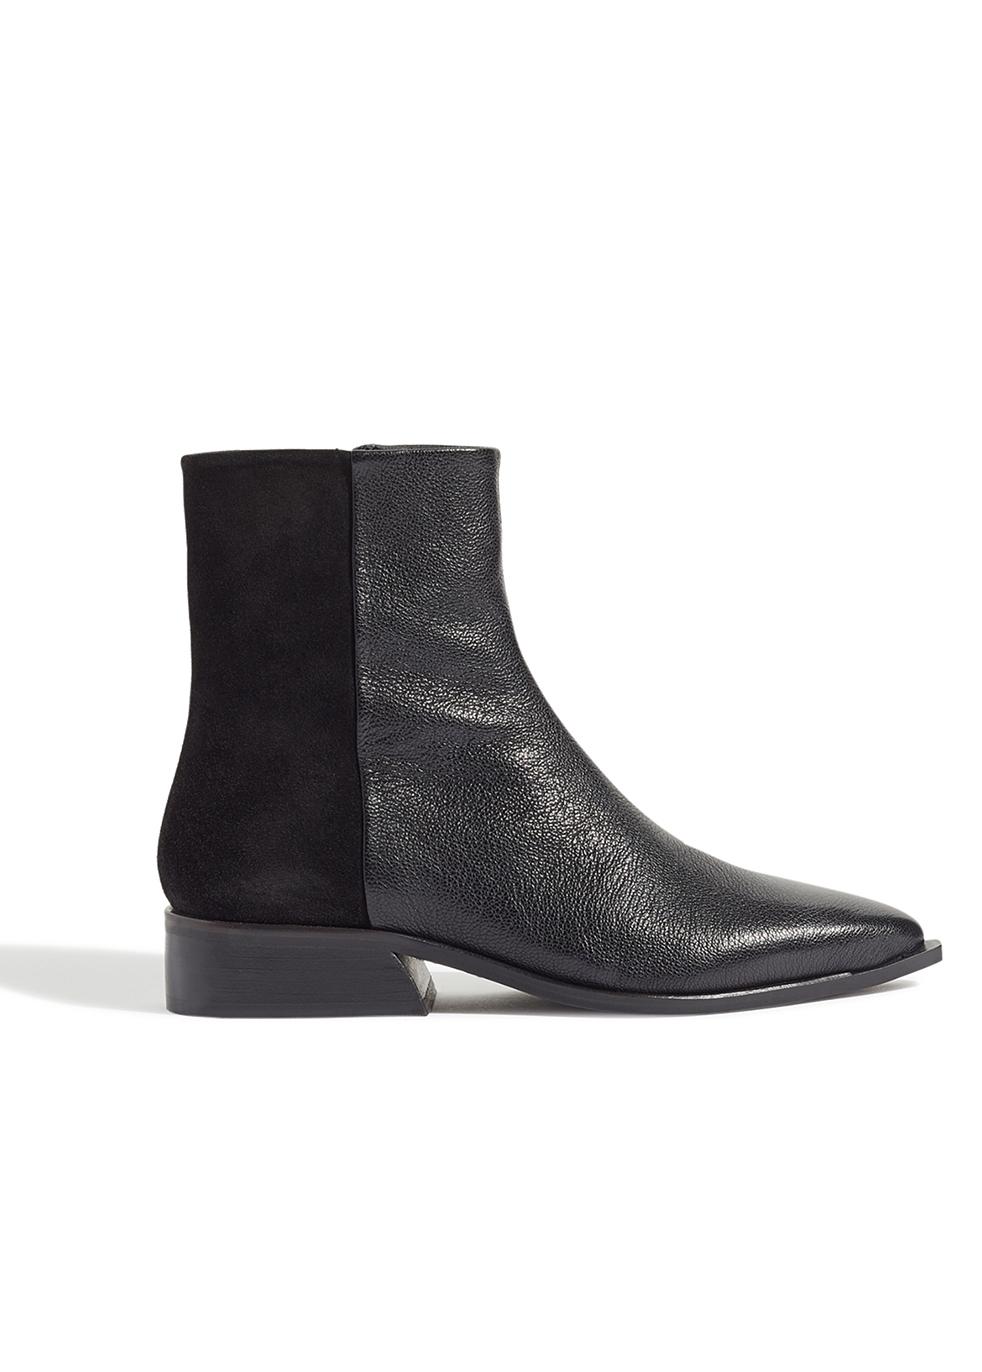 504d39fca2f5 Jigsaw Flat Boots - Womens - Harvey Nichols